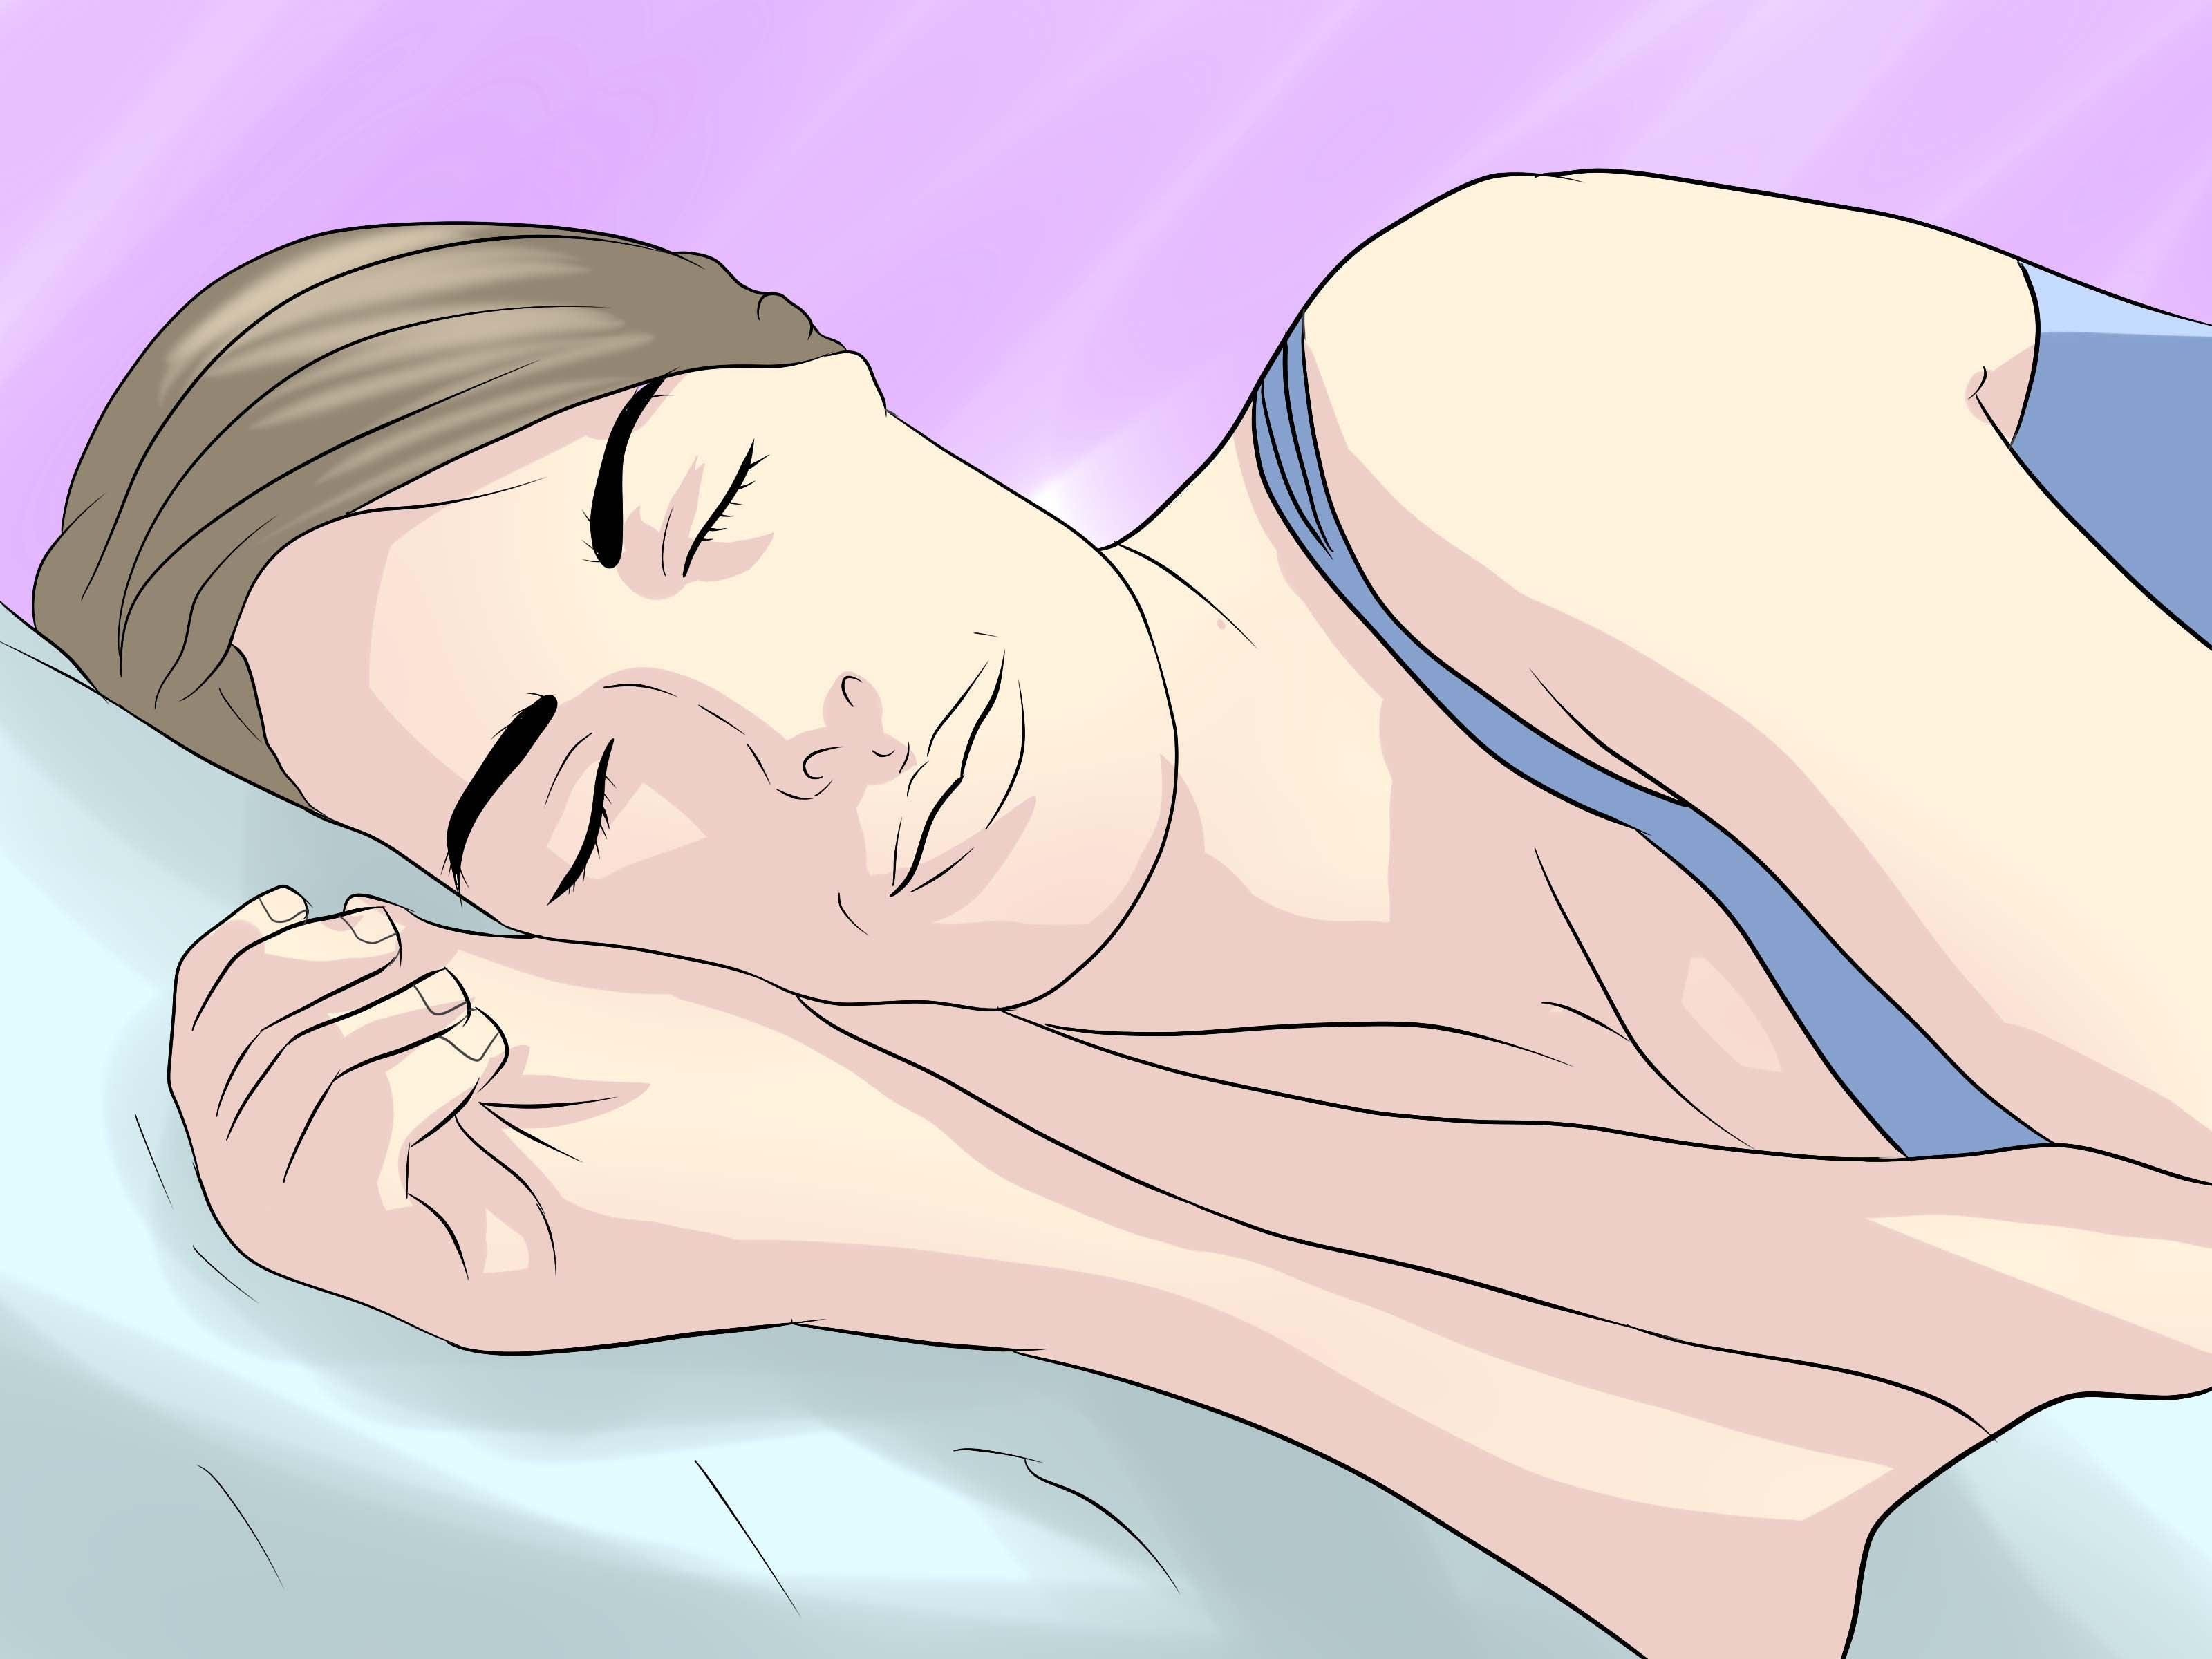 Tu posición al dormir dice muchas cosas sobre ti. ¡Descúbrelas!